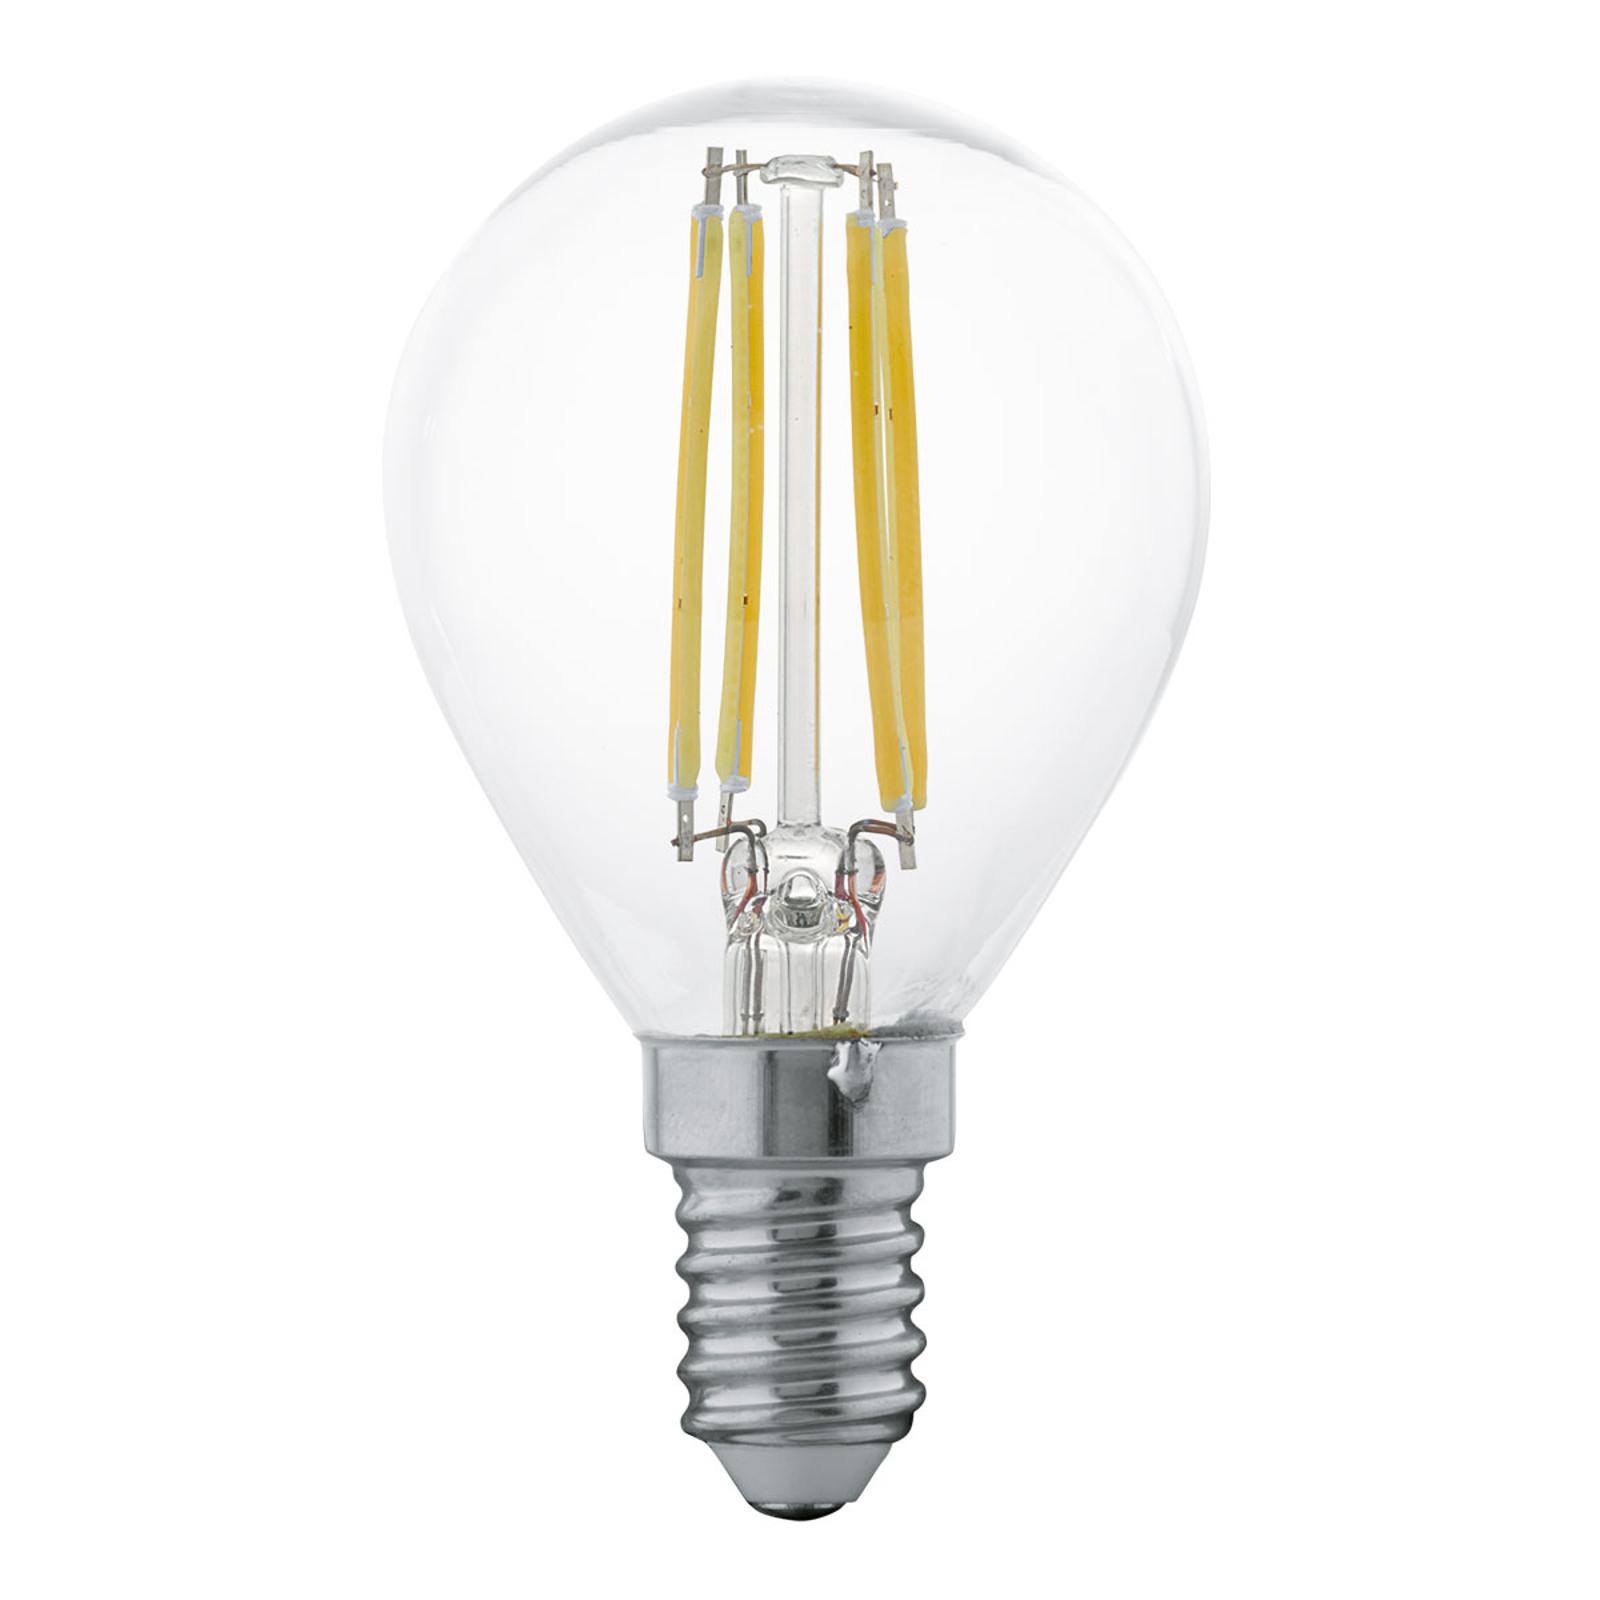 Żarówka filament LED E14 P45 4W, ciepła biel